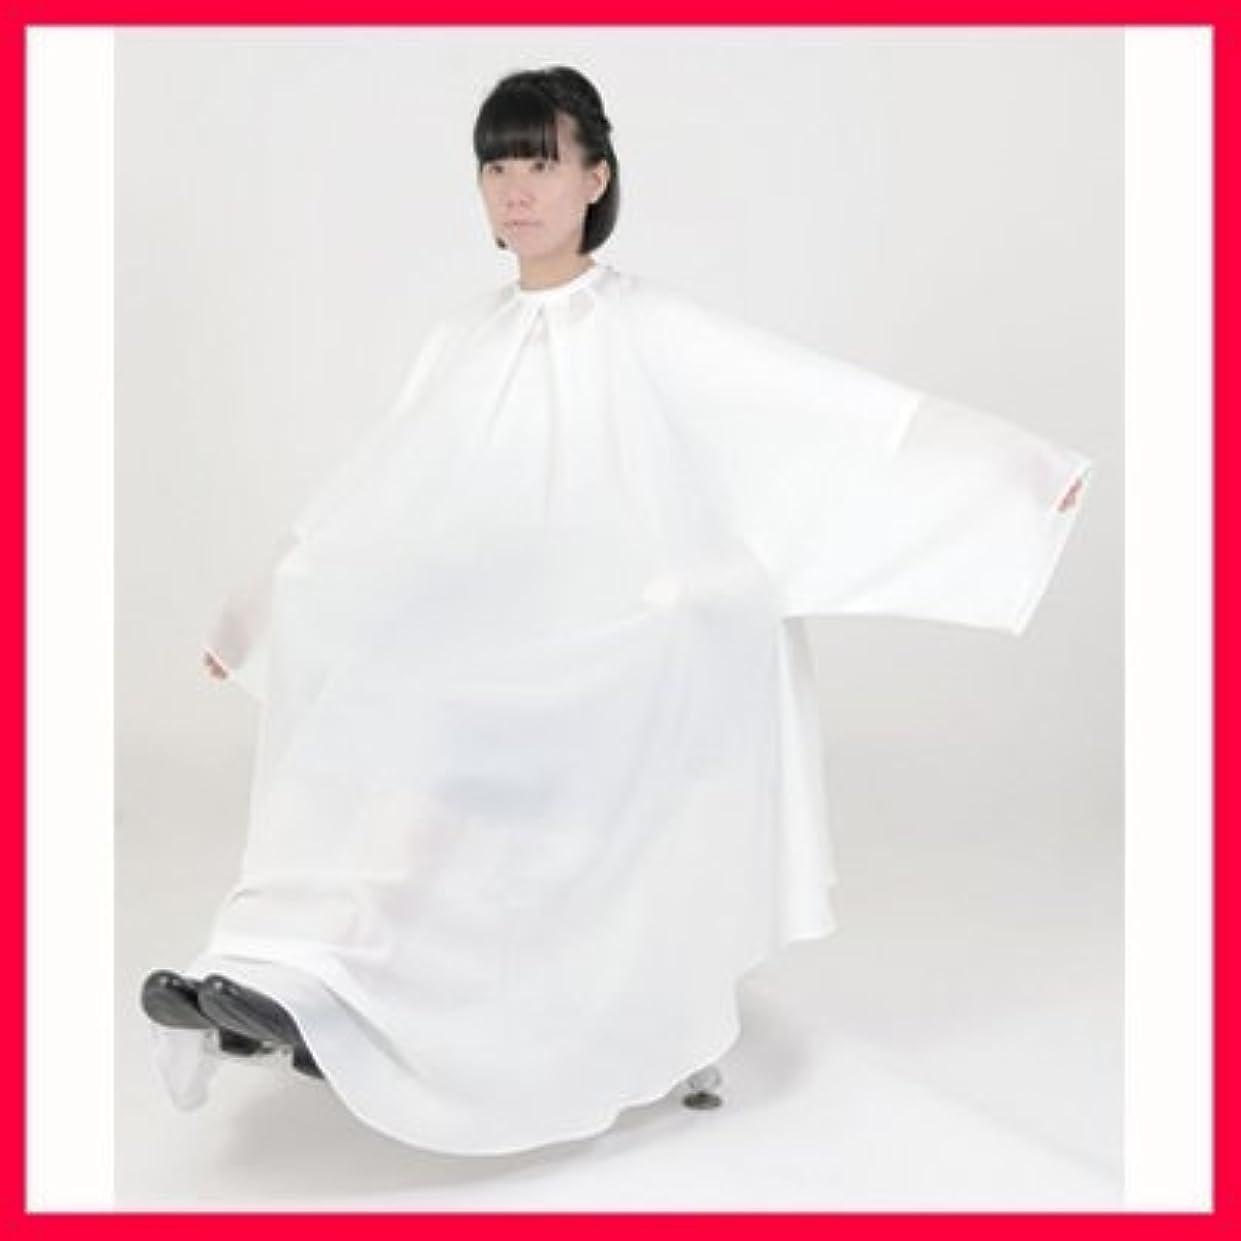 テレビアシュリータファーマンアレイエクセル 8112 ビッグドレス(カット)ホワイト